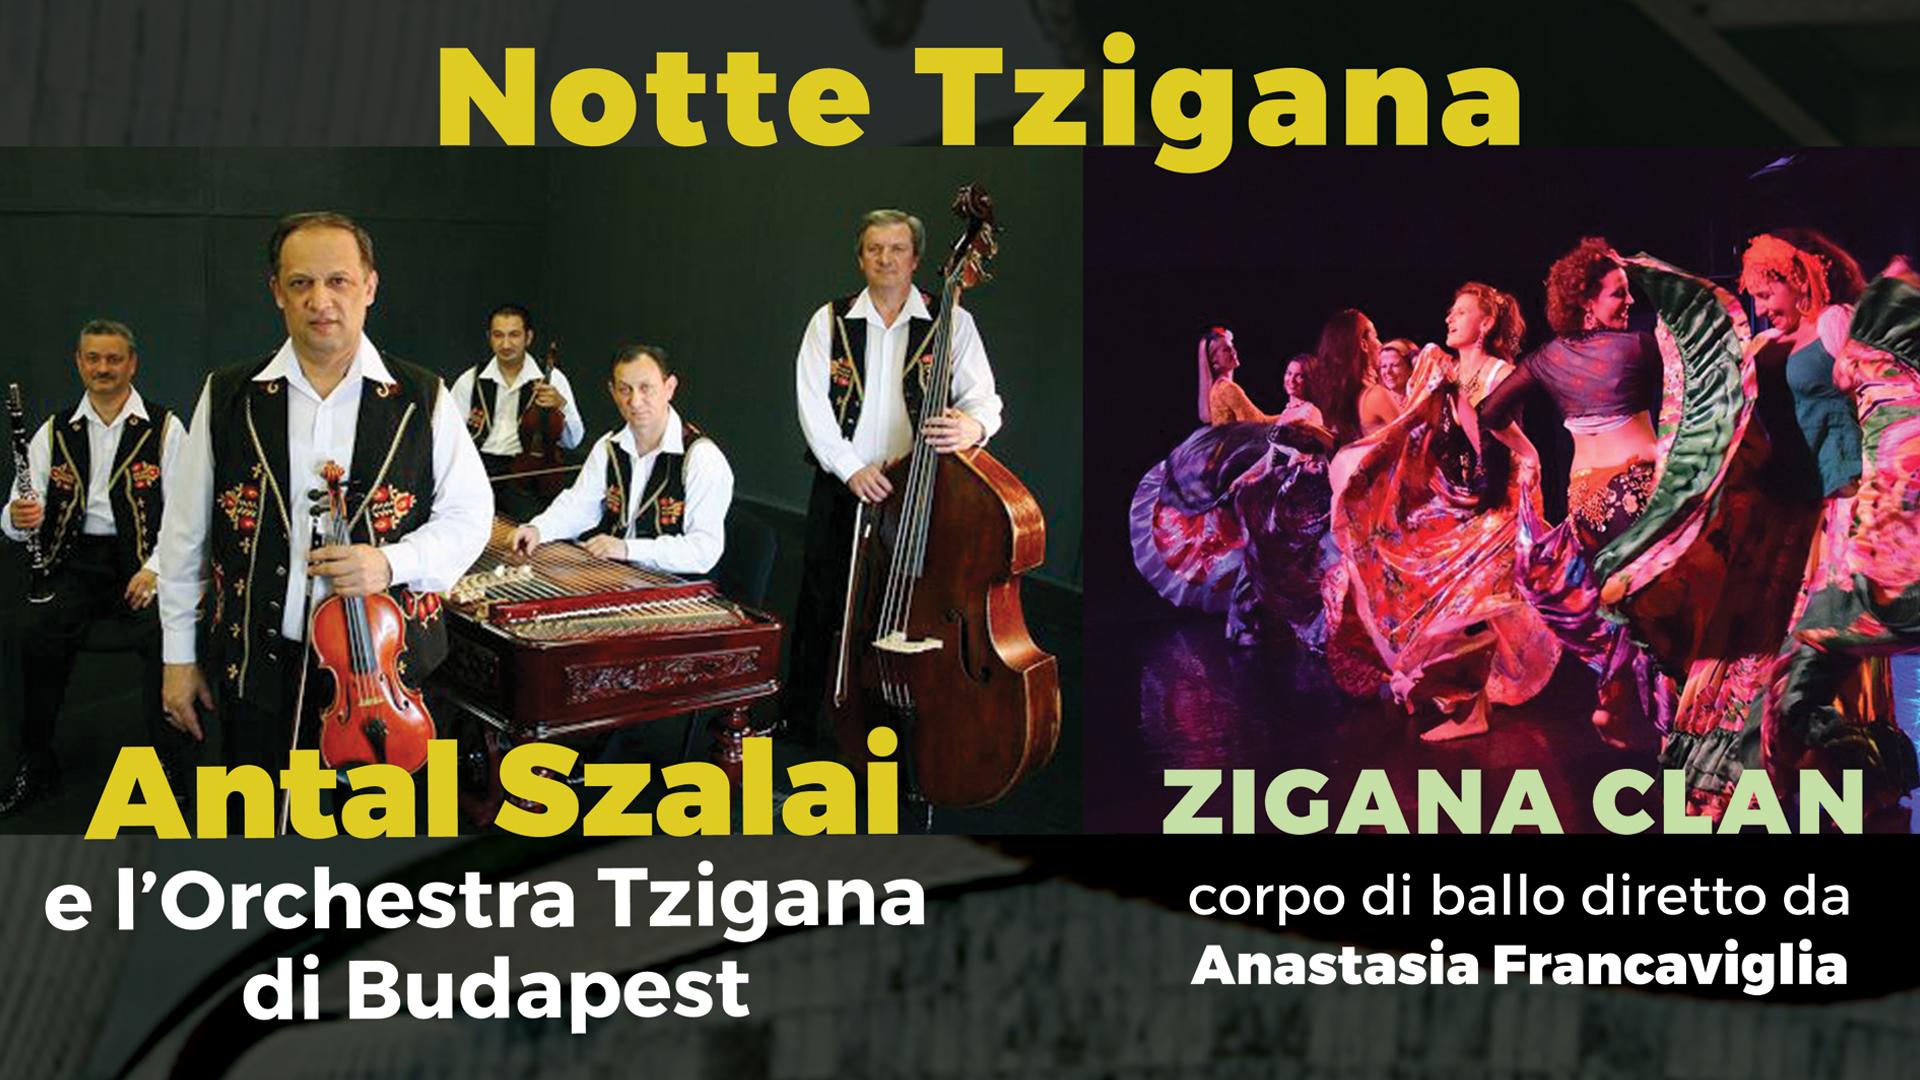 Orchestra Tzigana di Budapest • Auditorium Parco della Musica